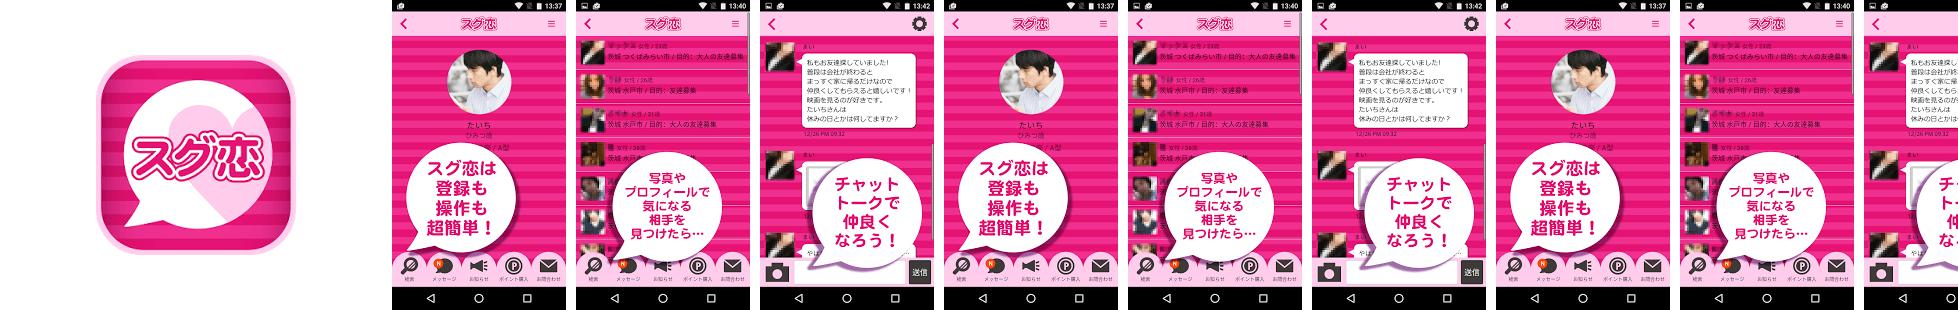 すぐに始まる恋愛トークアプリ【スグ恋】